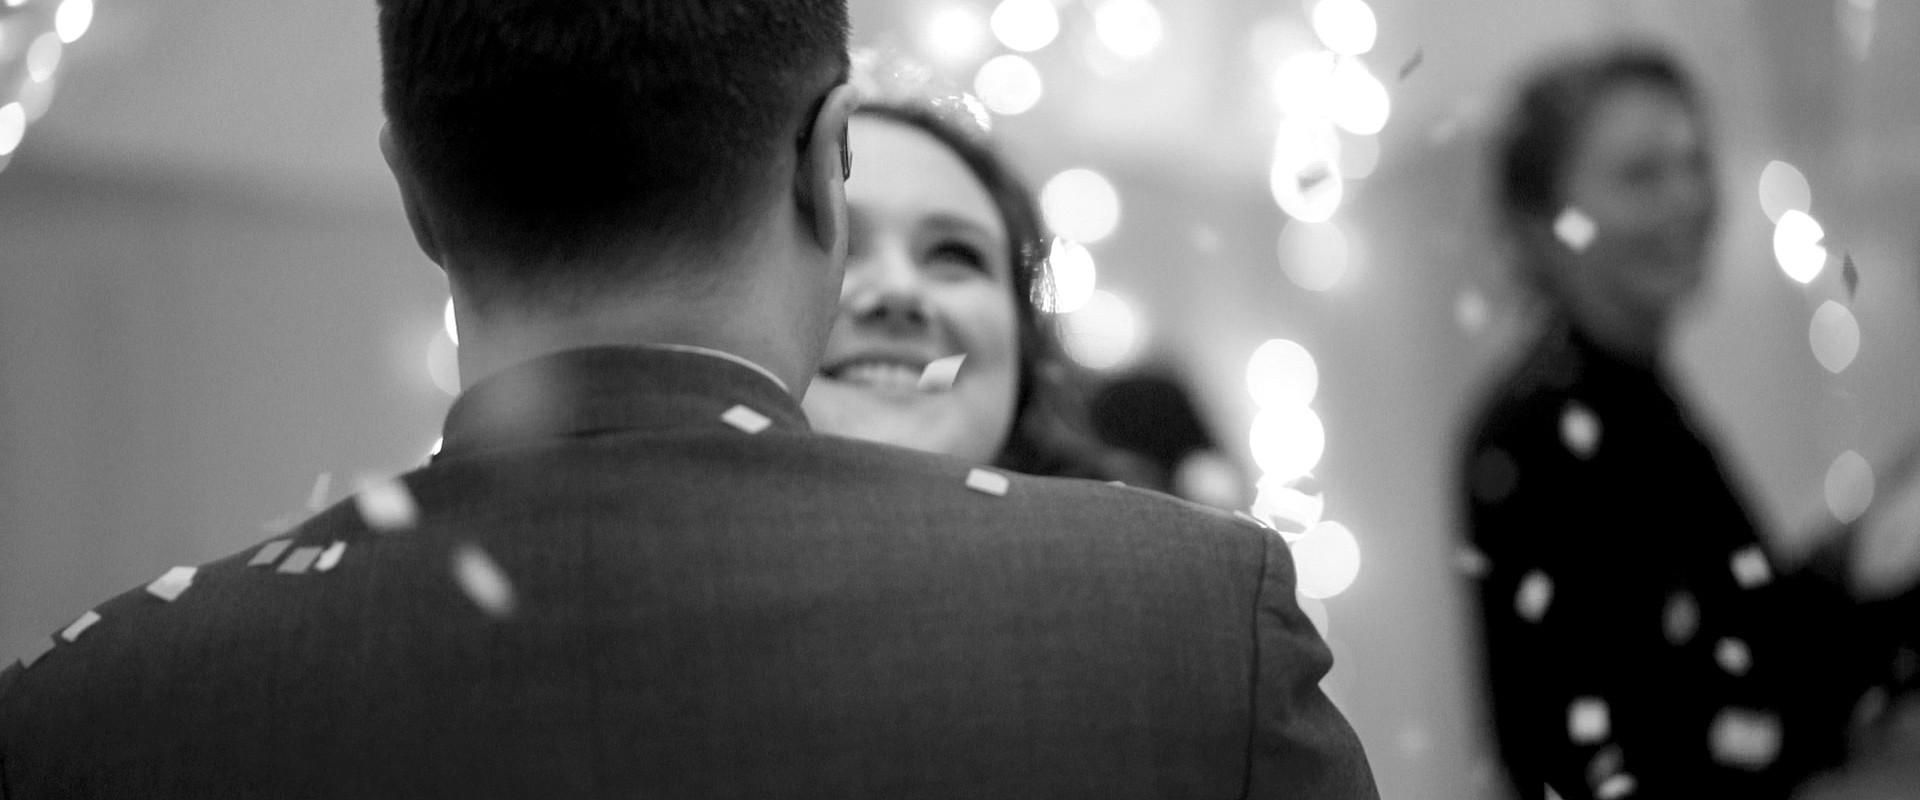 Wedding-ShortFilm-BW.00_06_11_07.Still05